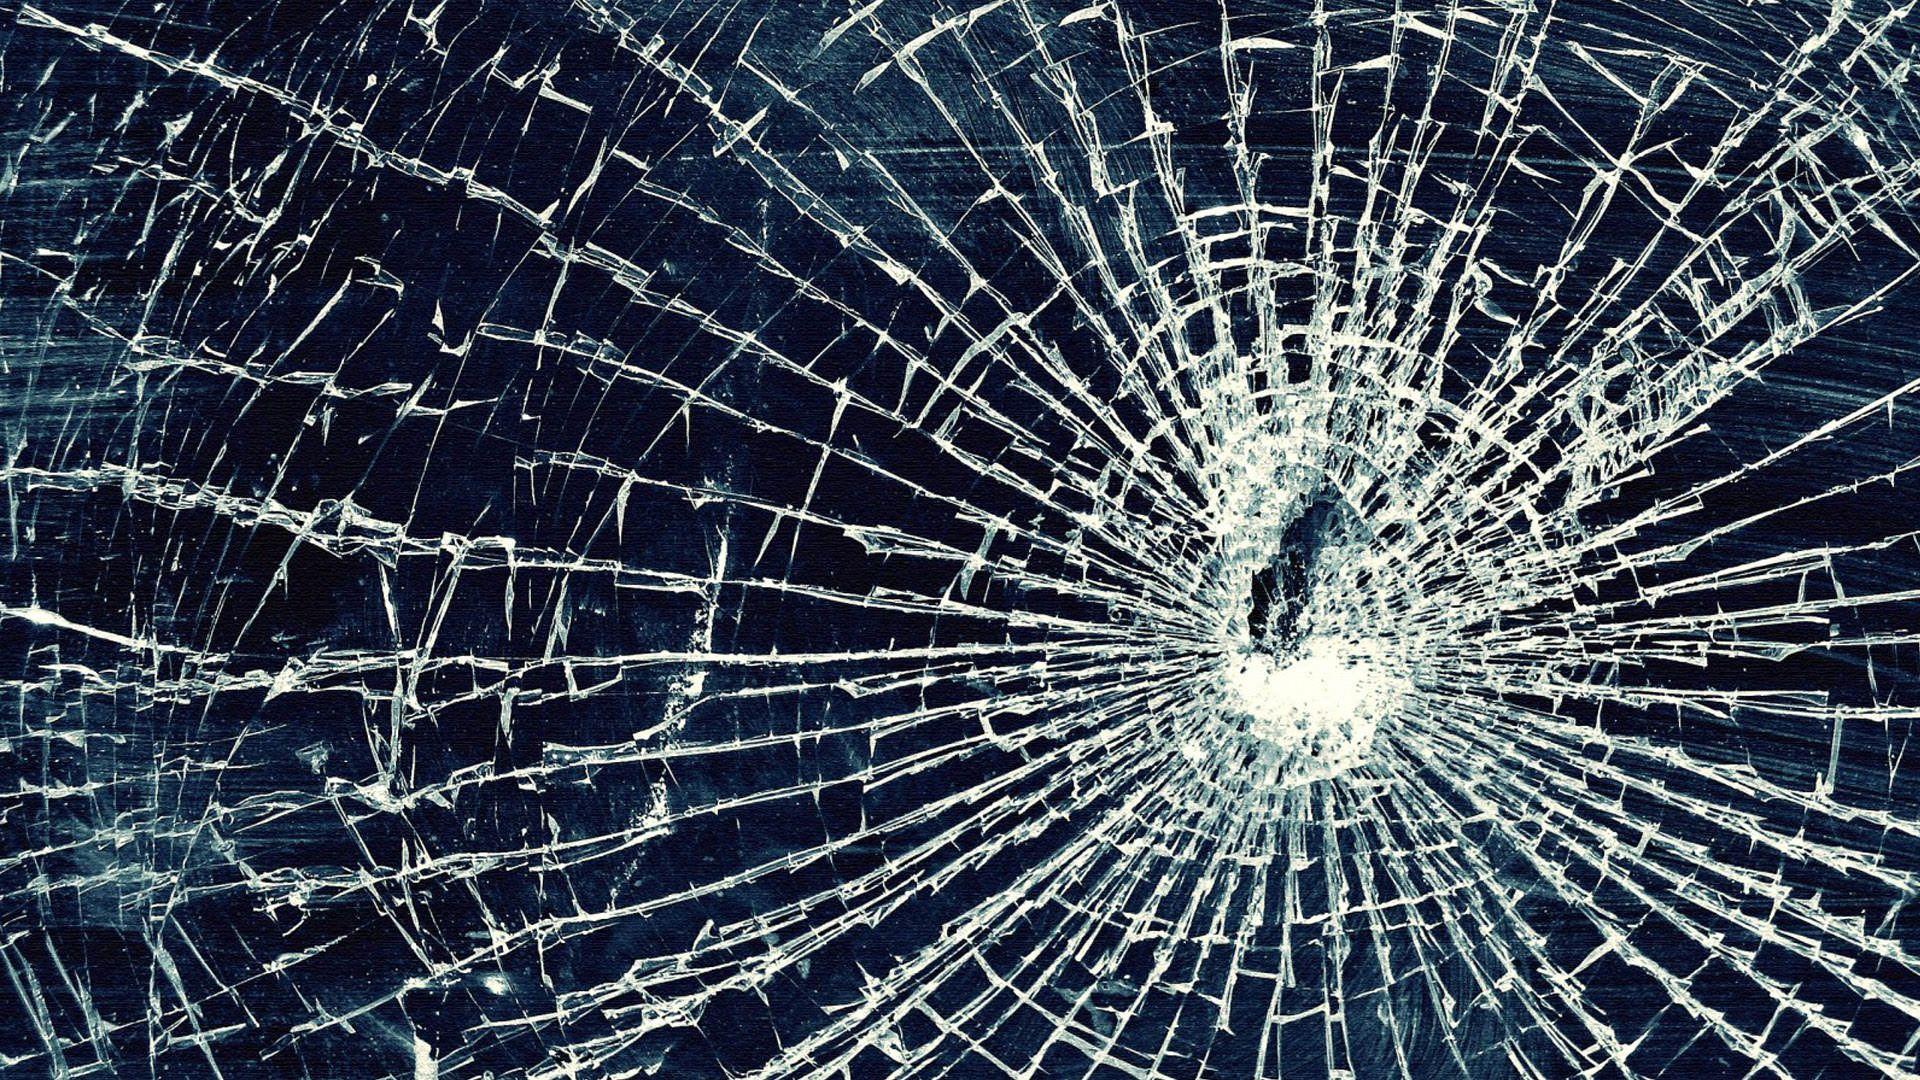 5 Things That Happened When I Broke My Iphone Broken Screen Wallpaper Broken Glass Wallpaper Cracked Wallpaper